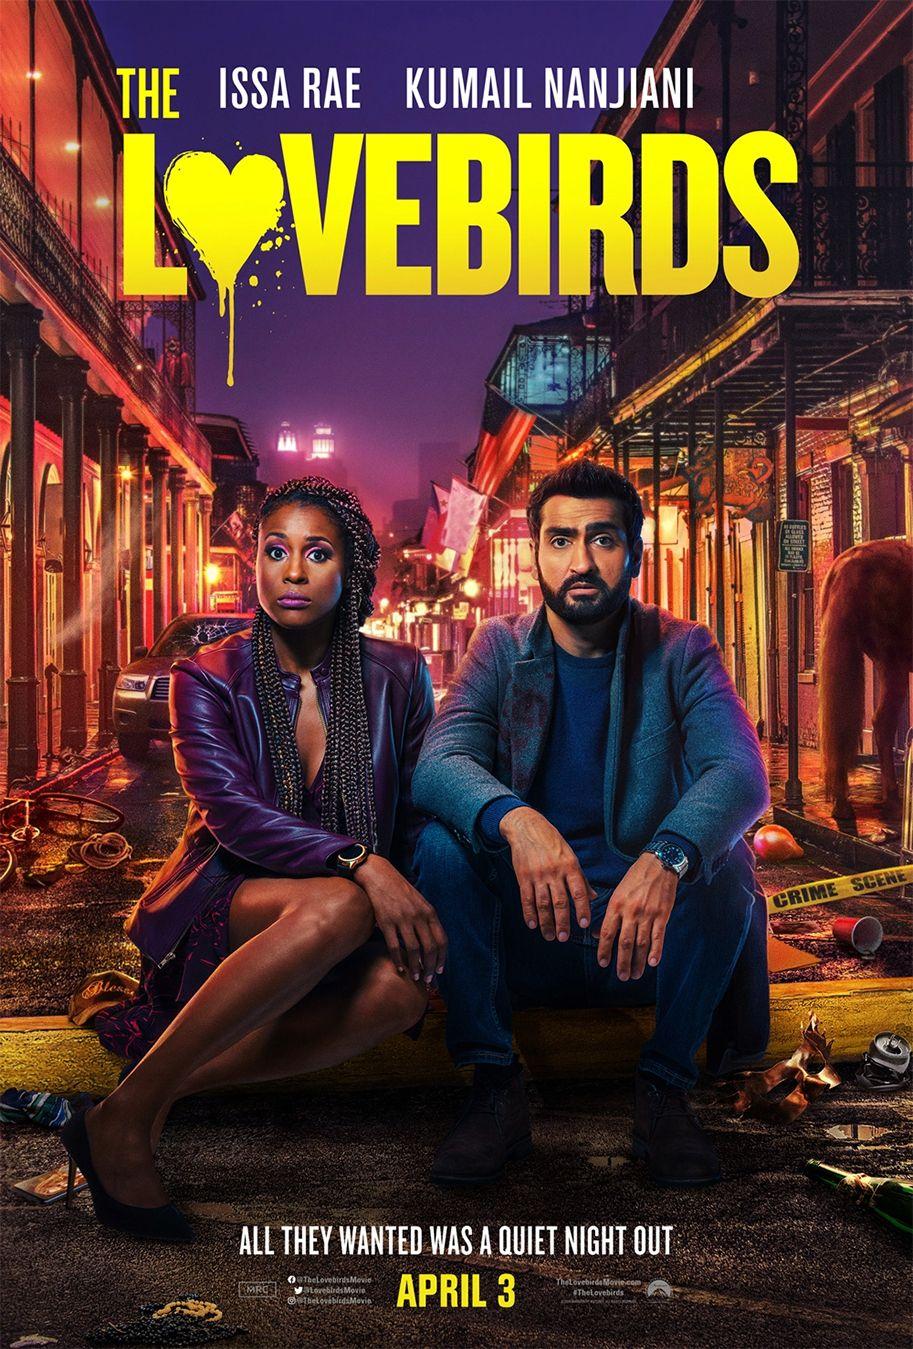 The-Lovebirds-poster-1